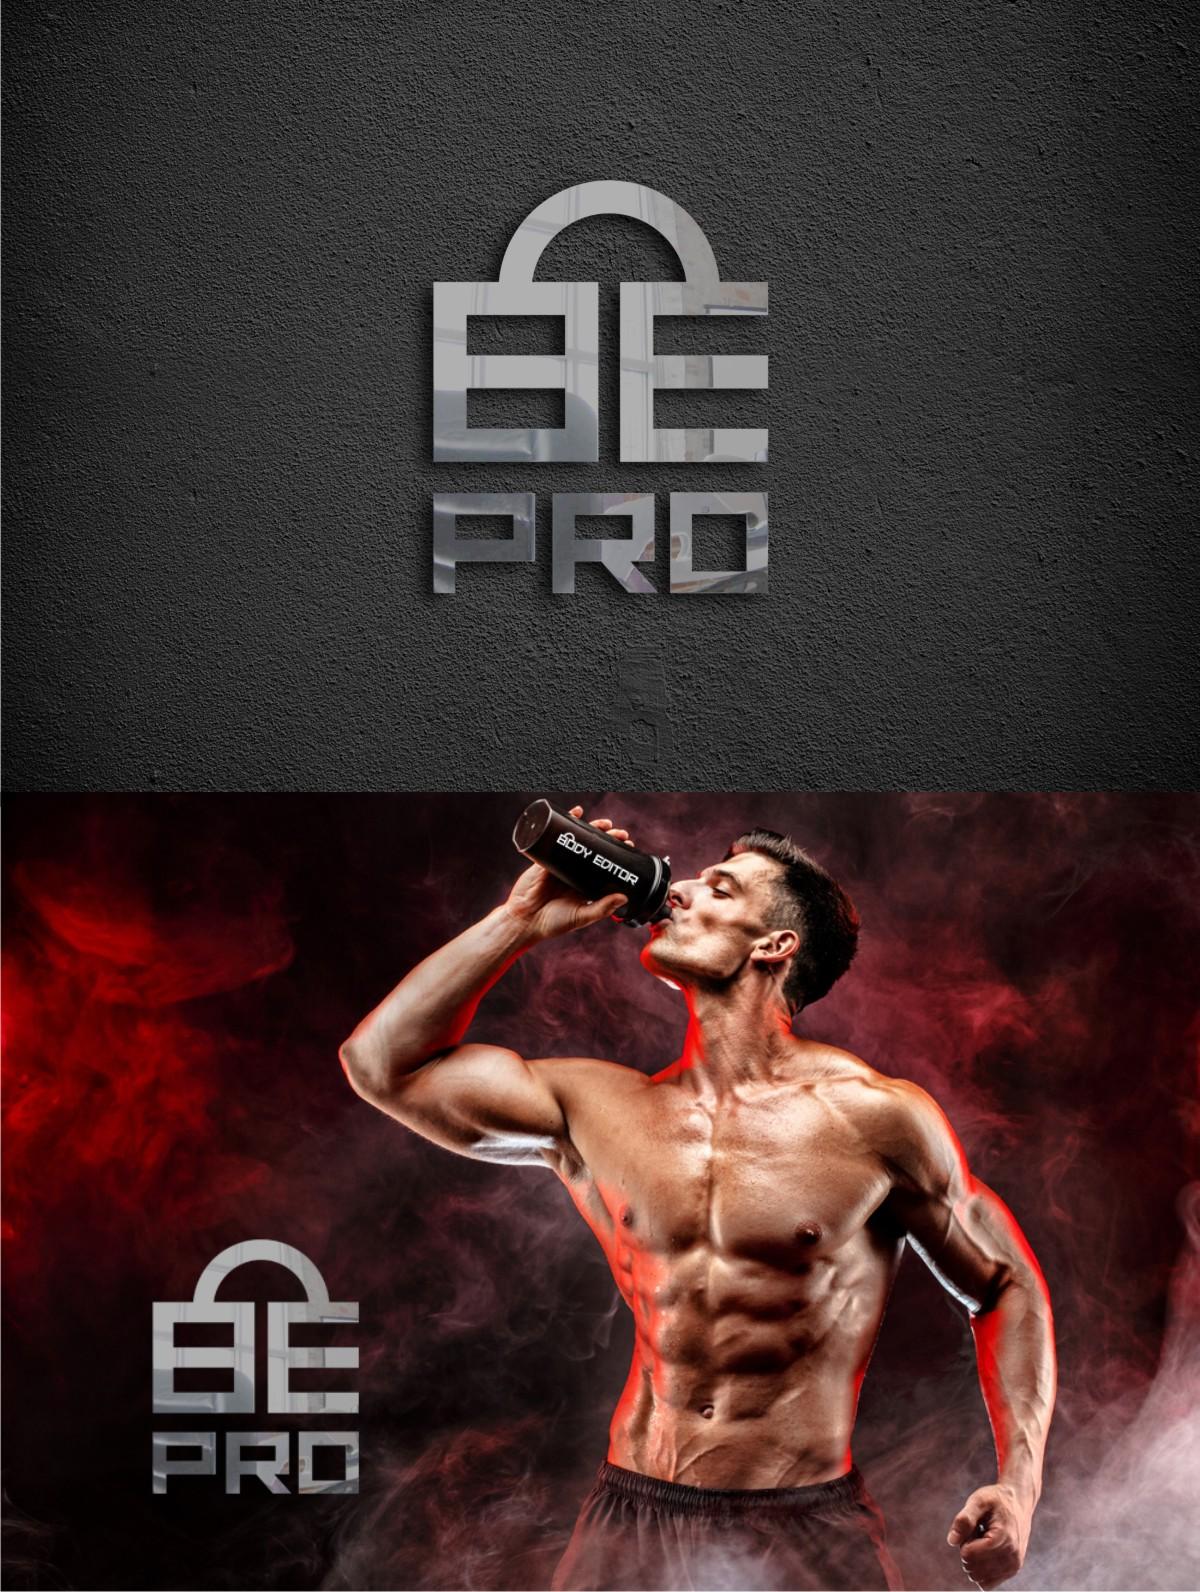 Лого+символ для марки Спортивного питания фото f_774596c9b2e04b6d.jpg